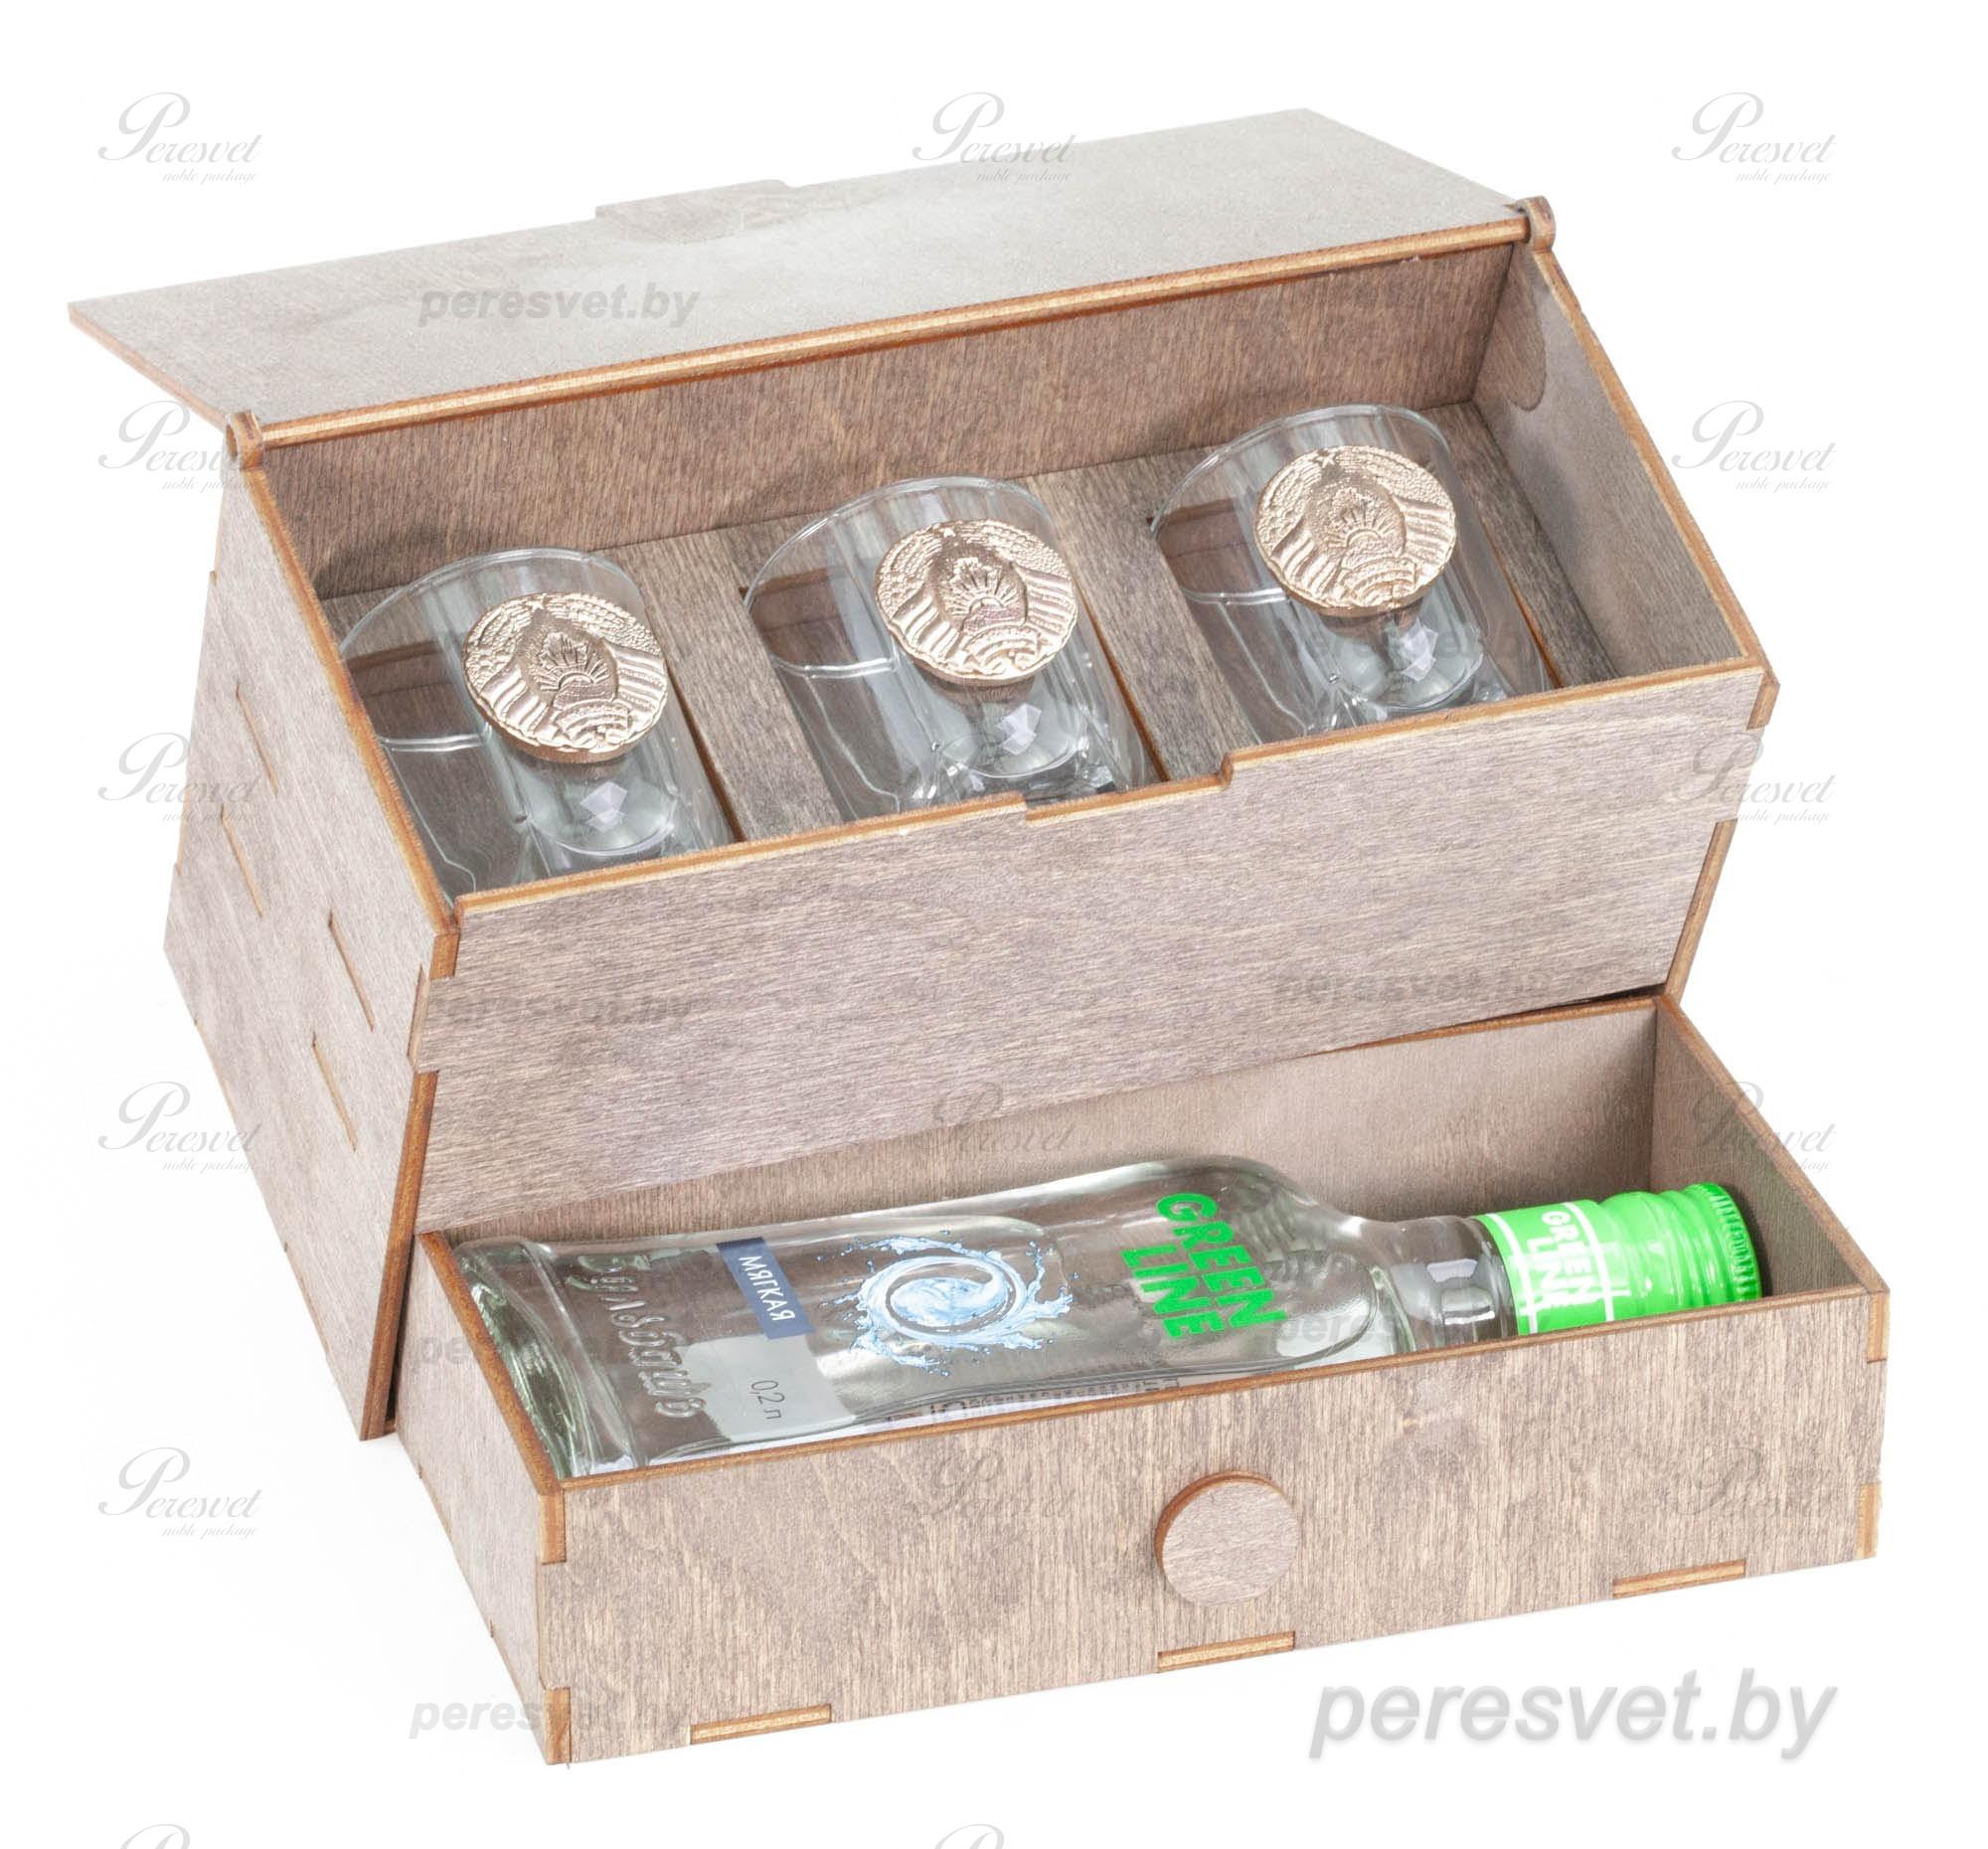 Подарочный набор для мужчин Стратегический запас №2-6 с элементами бронзы на peresvet.by